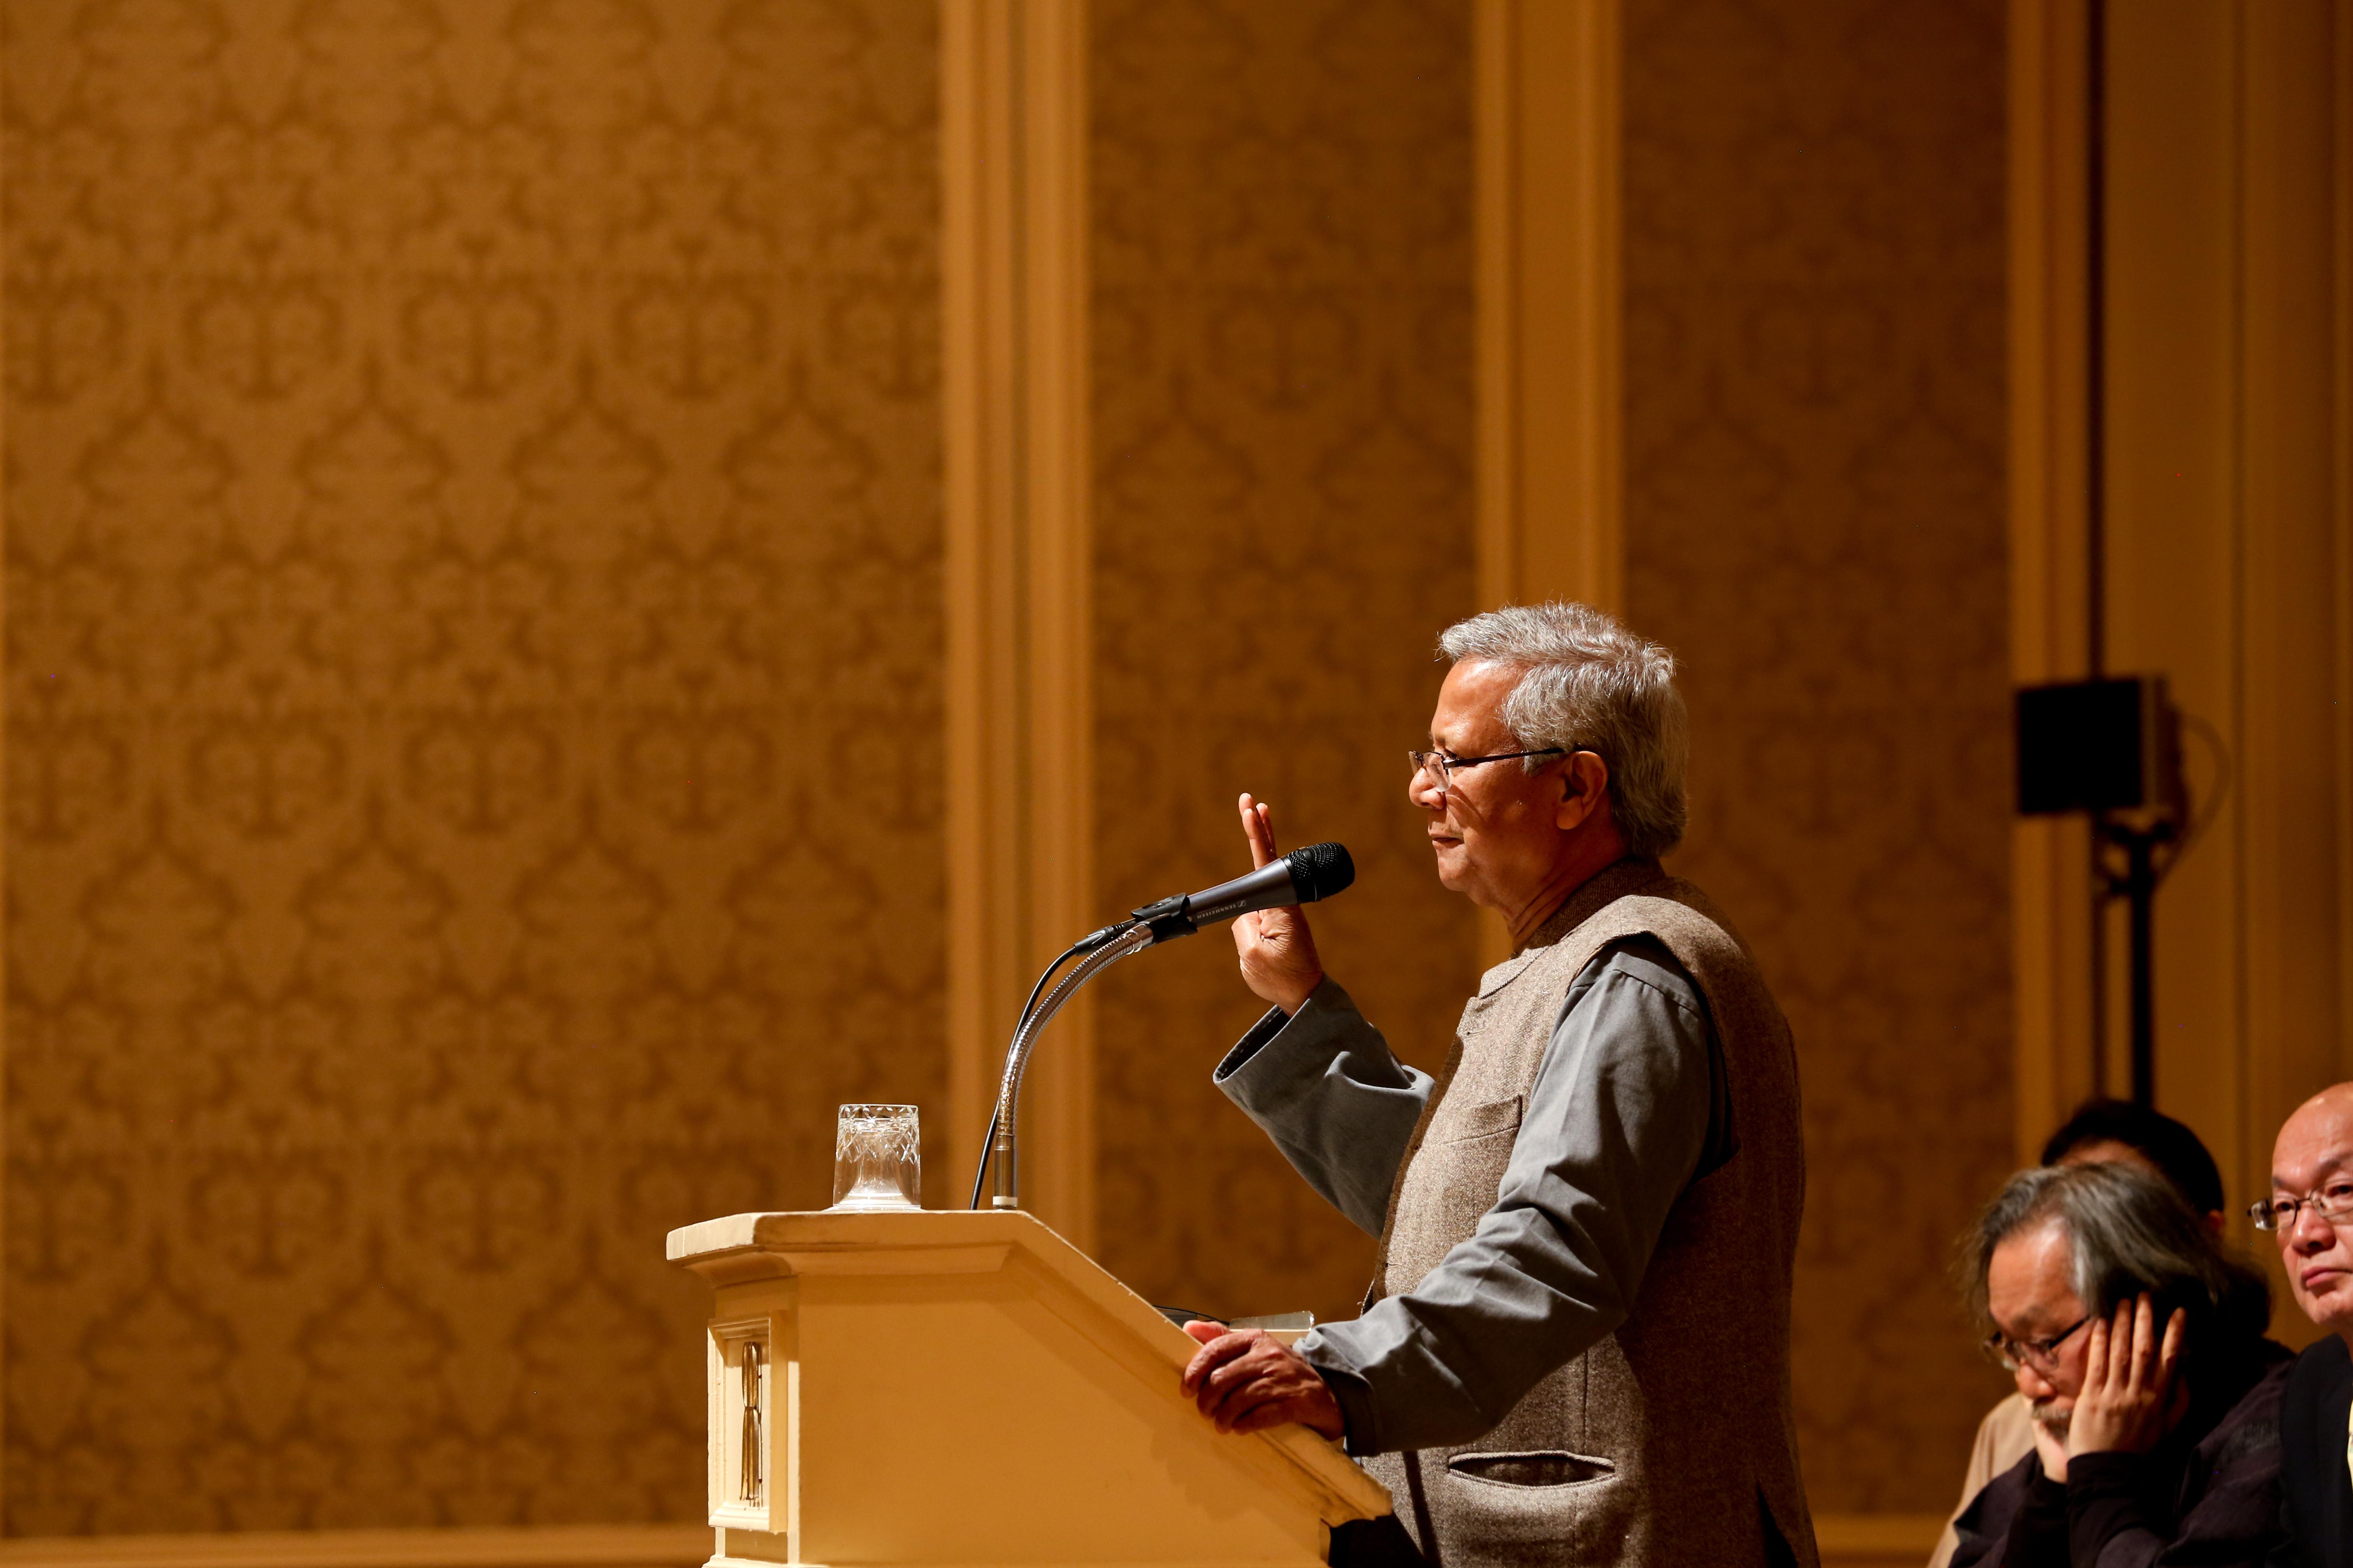 ノーベル平和賞受賞者 ムハマド・ユヌス博士